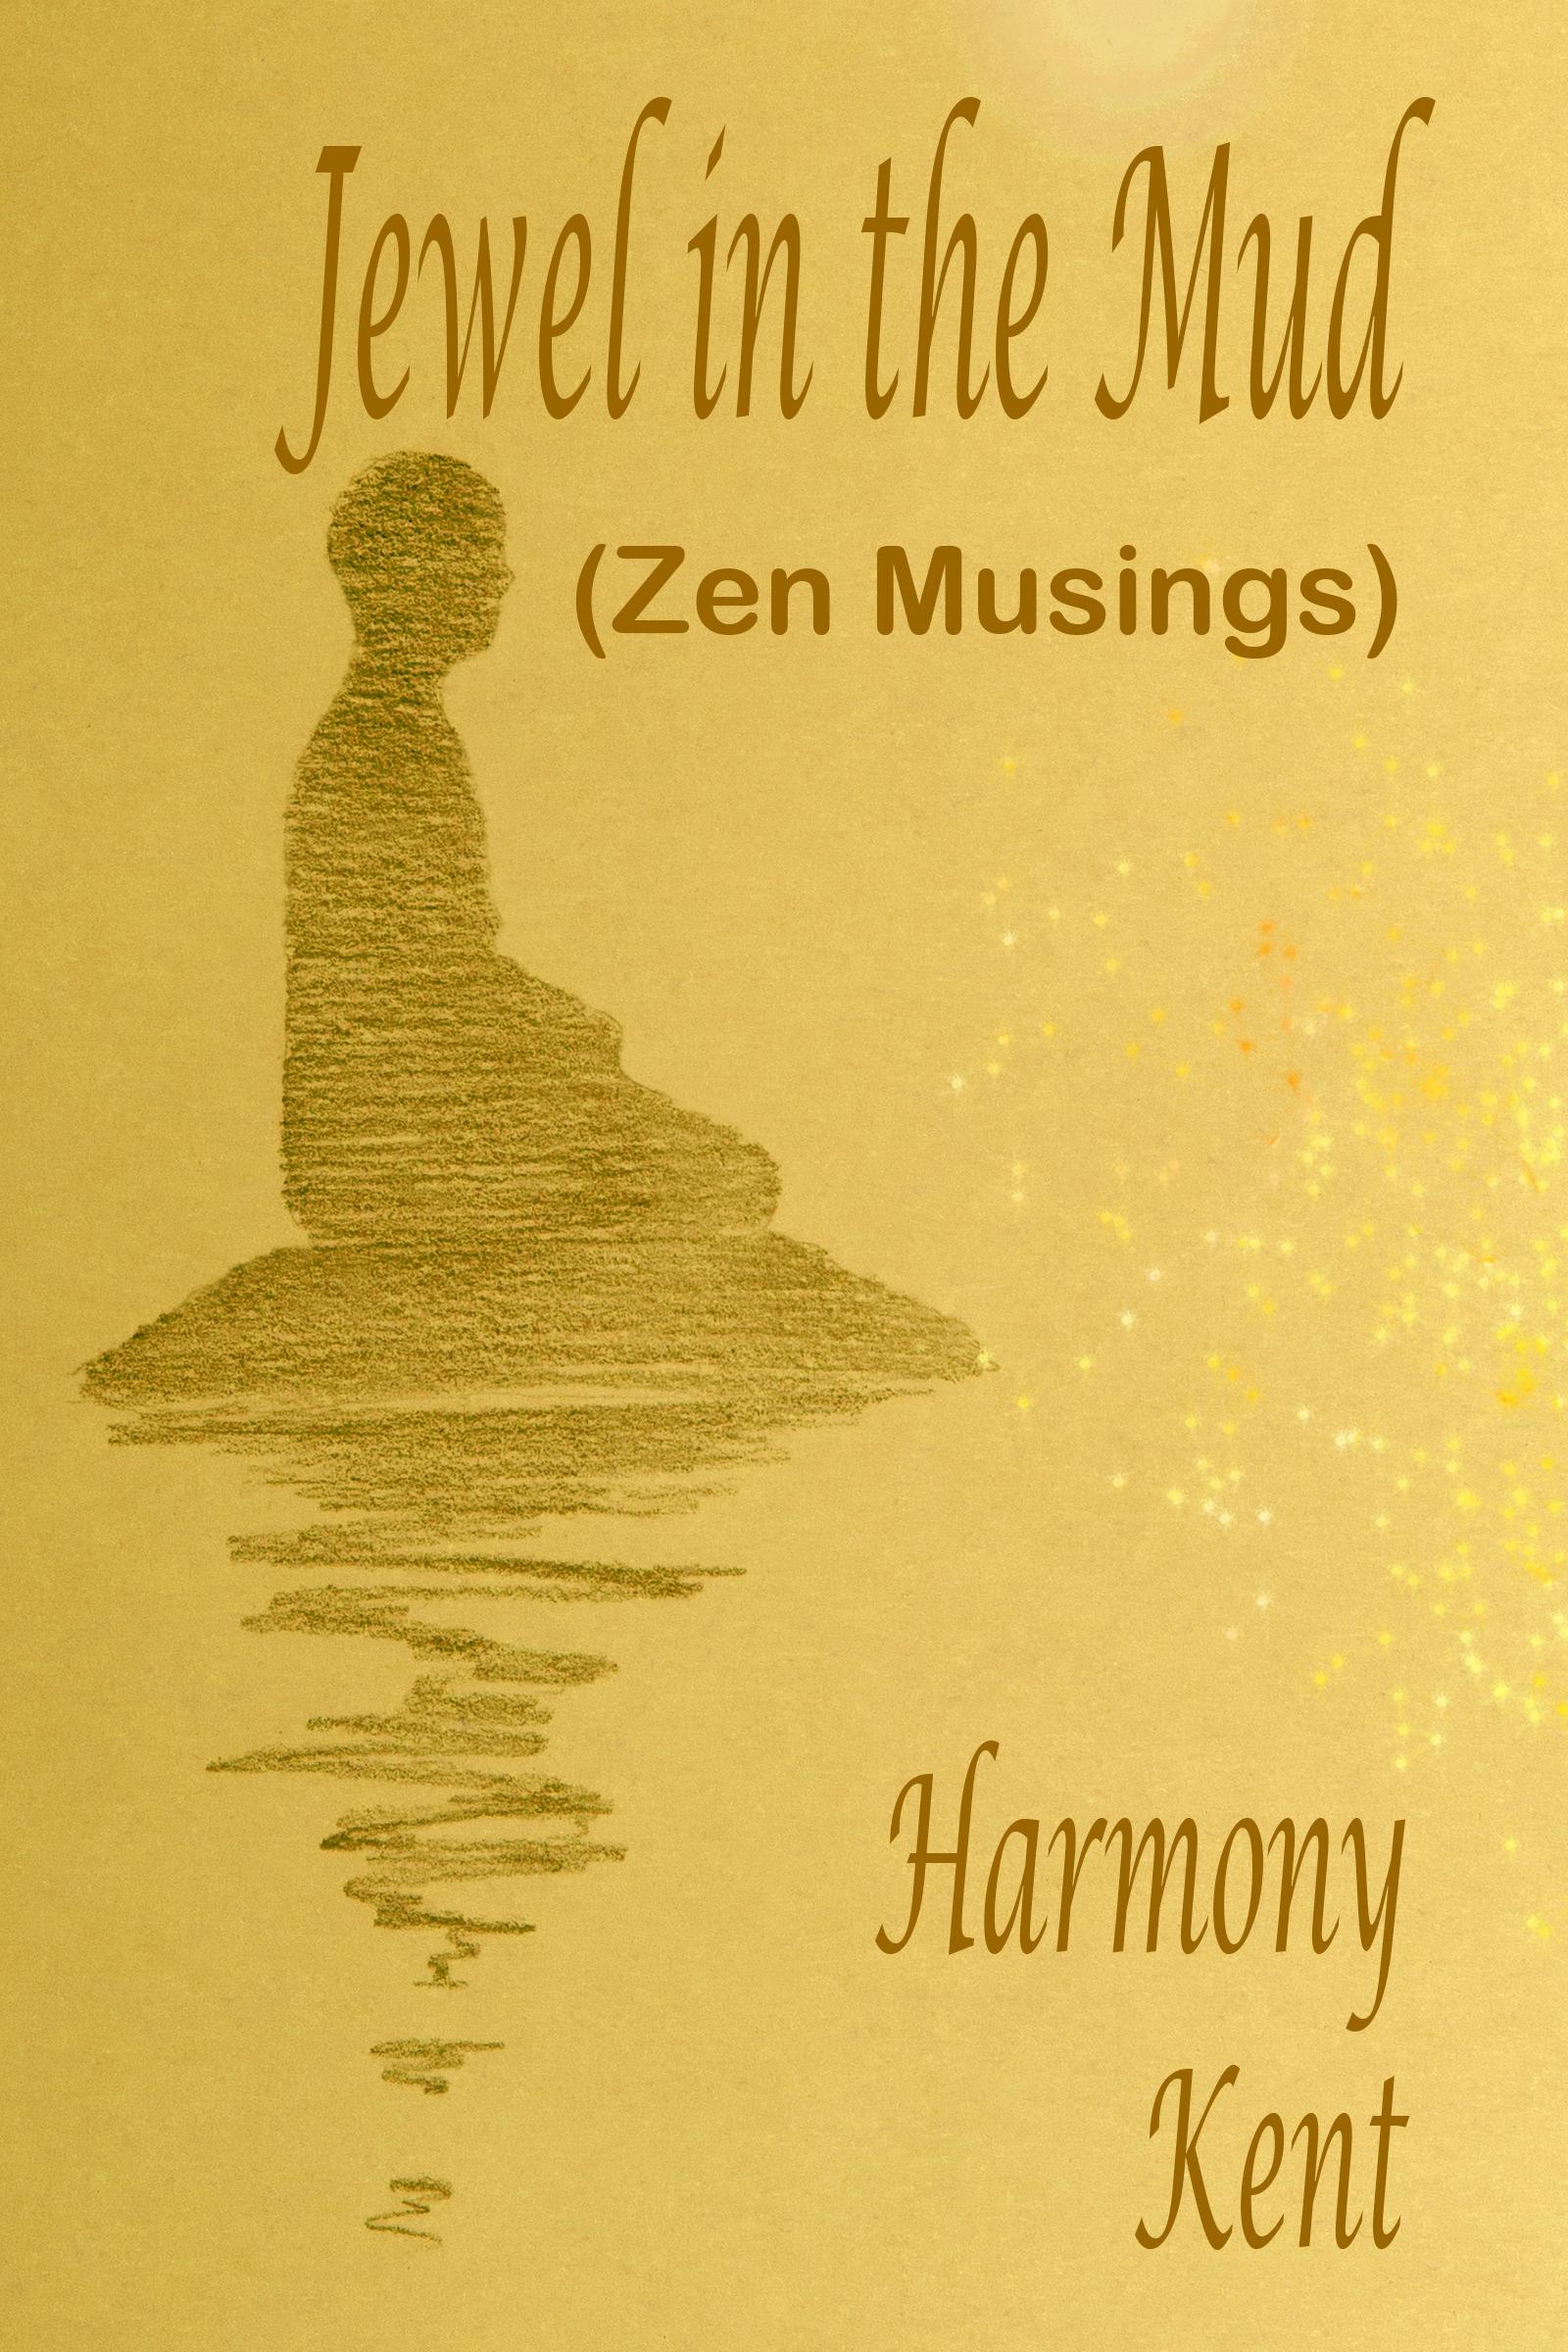 Jewel in the Mud (Zen Musings)